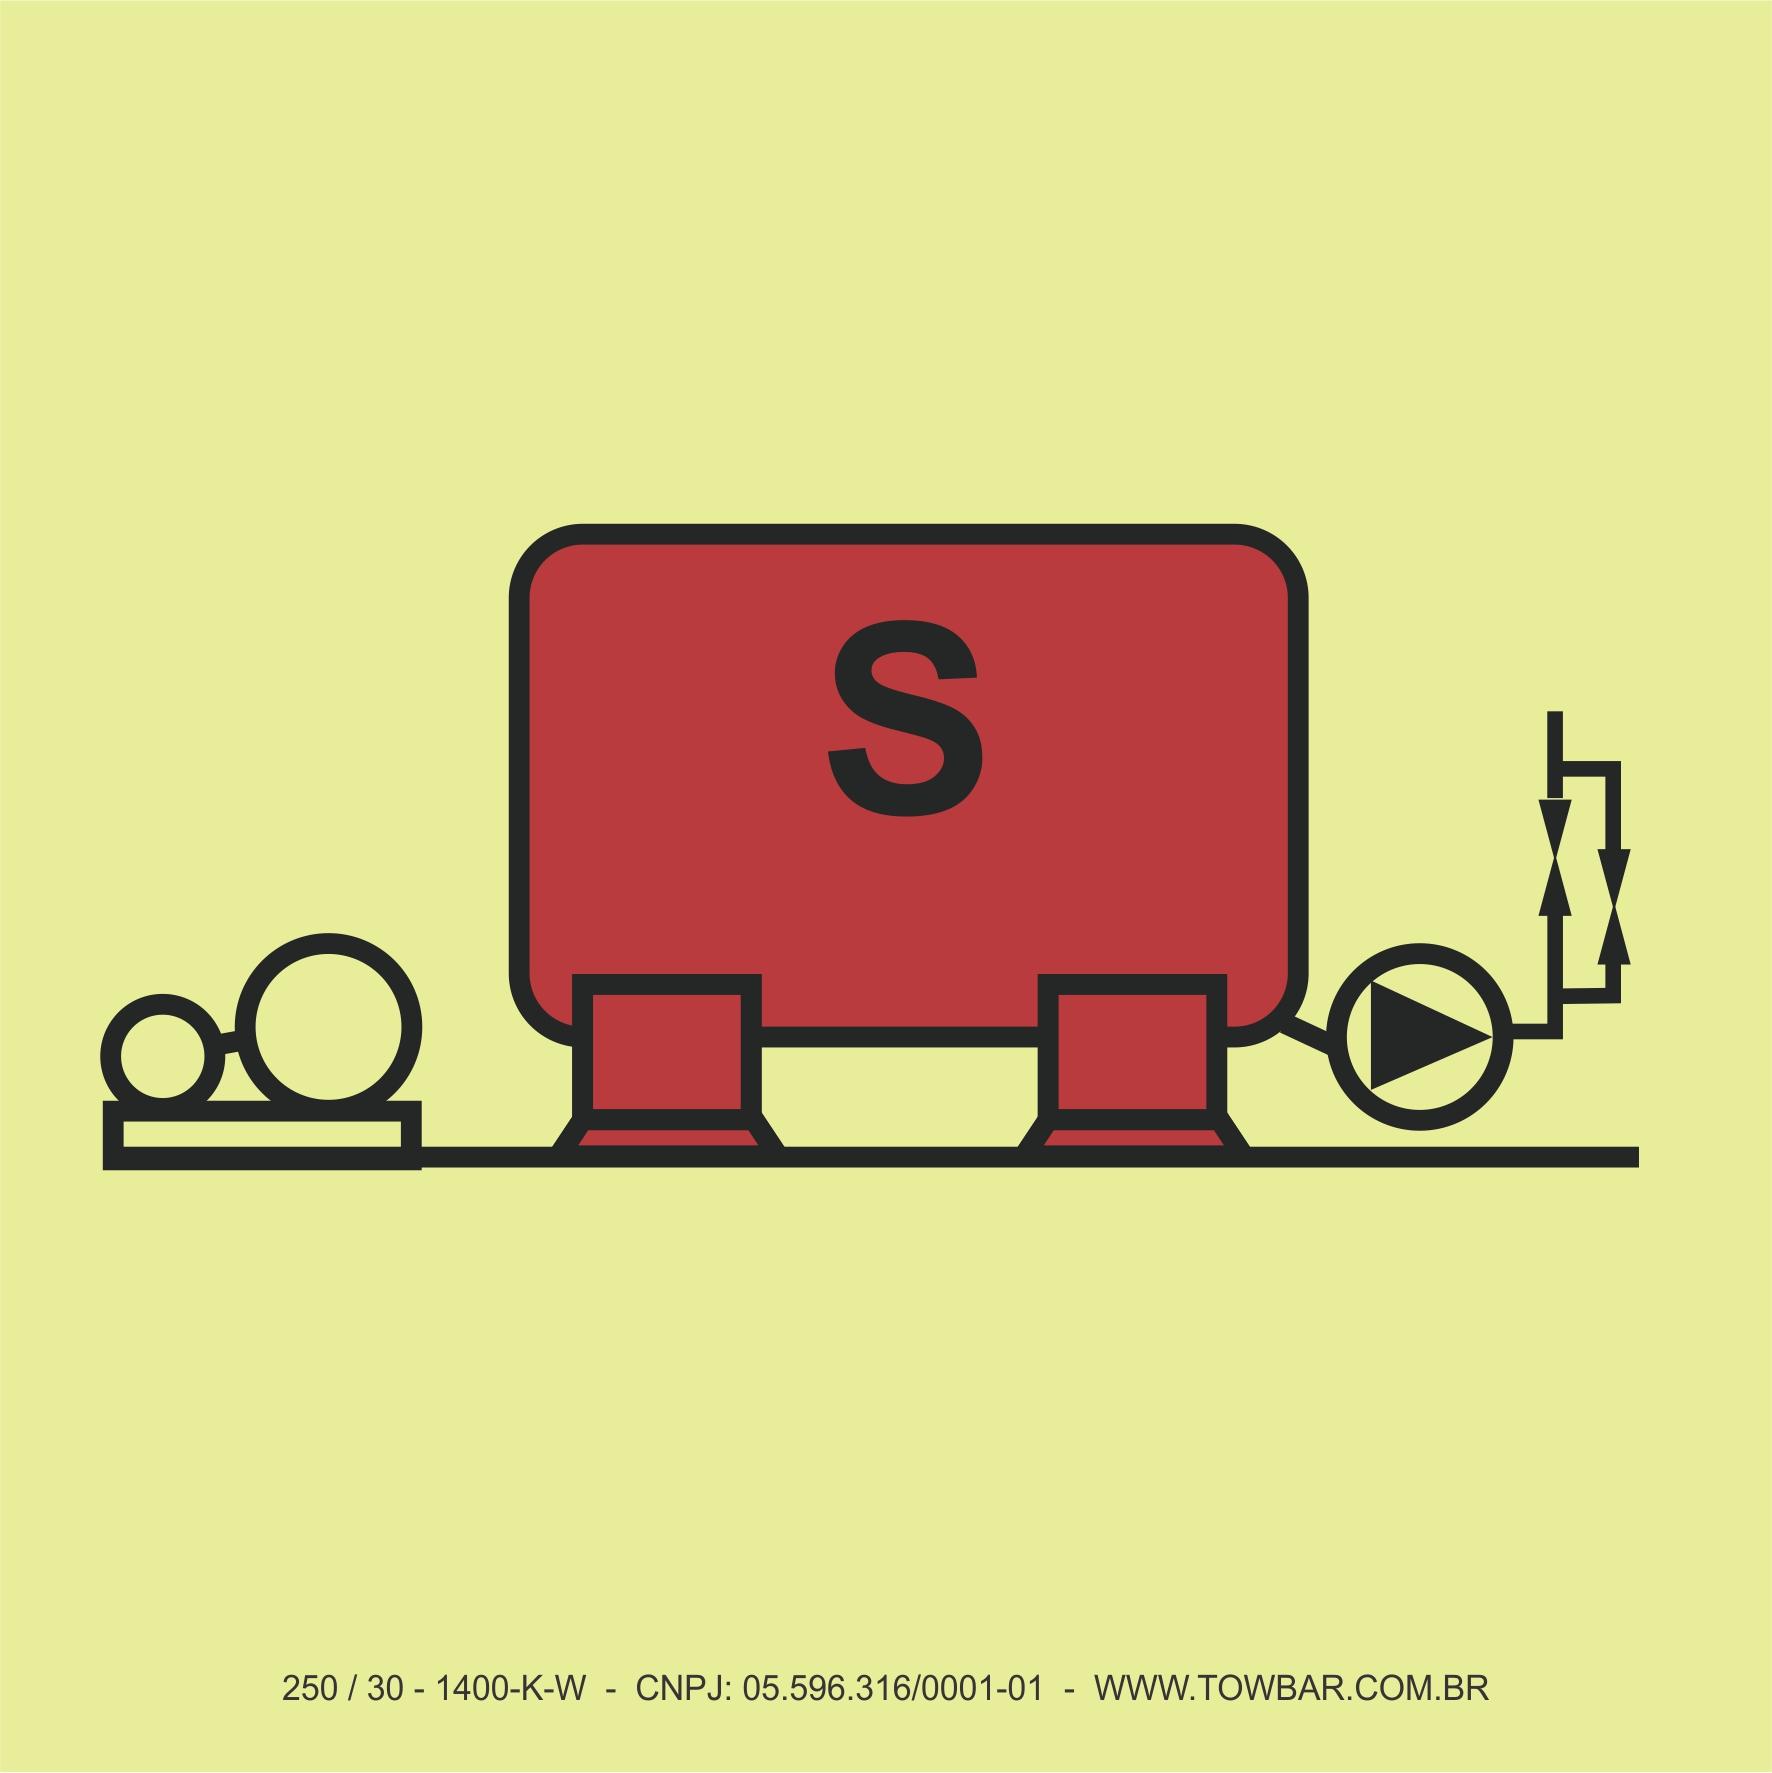 Instalações de Combate ao Incêndio Sprinkler (Sprinkler Installation)  - Towbar Sinalização de Segurança